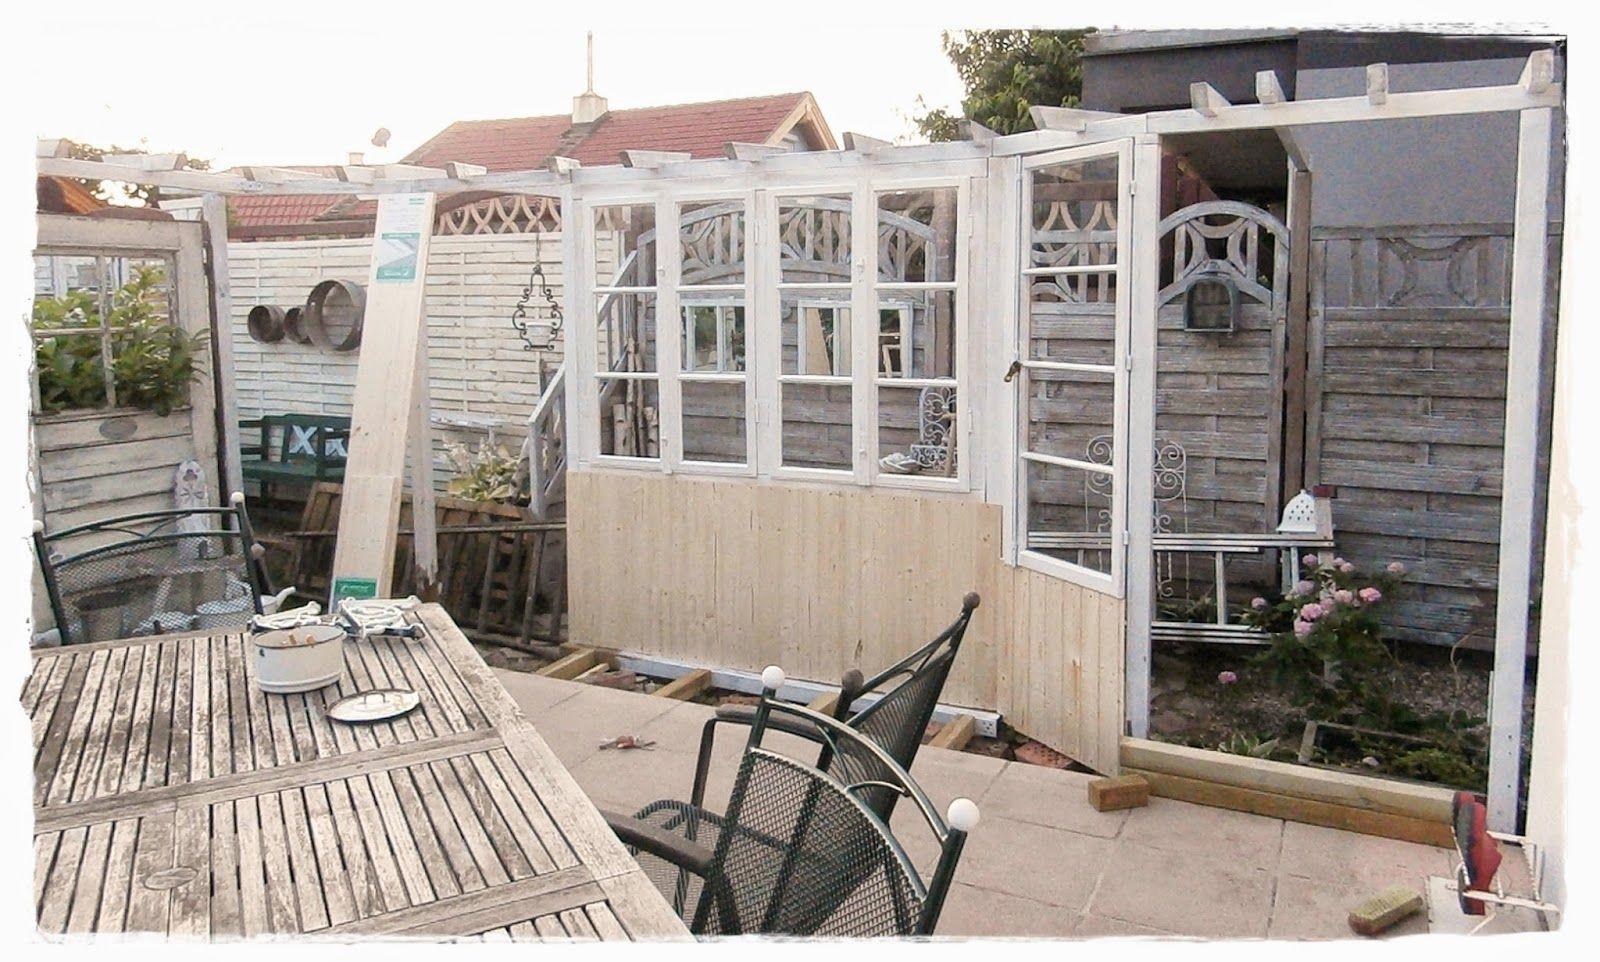 Landhaus Fenster Innenturen Weiss Landhaus Haus Deko Ideen